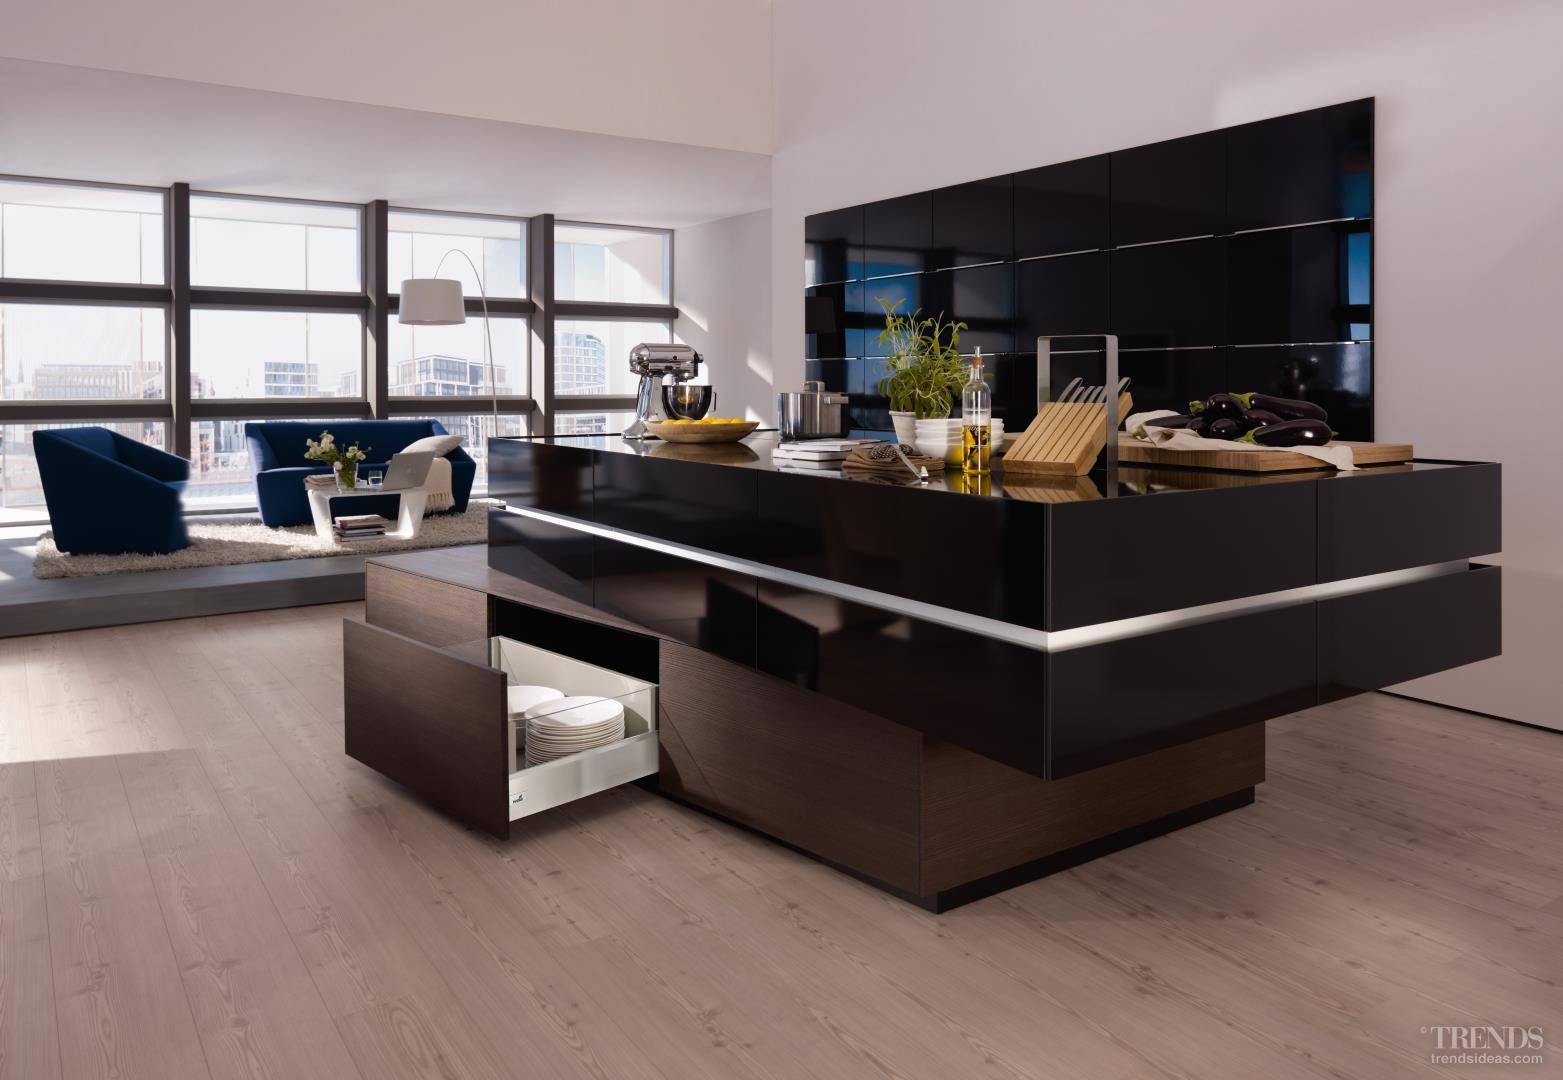 Nawet ciężkie talerze możemy bez obaw przechowywać w szufladach, zwłaszcza jeżeli jest to szuflada ArciTech, która jako jedyny system na rynku wytrzyma obciążenie nawet 80 kg. Świetny design boków szu-flad ArciTech doskonale pasu-je do nowoczesnej wyspy łą-czącej kuchnię z salonem.  Fot. Hettich